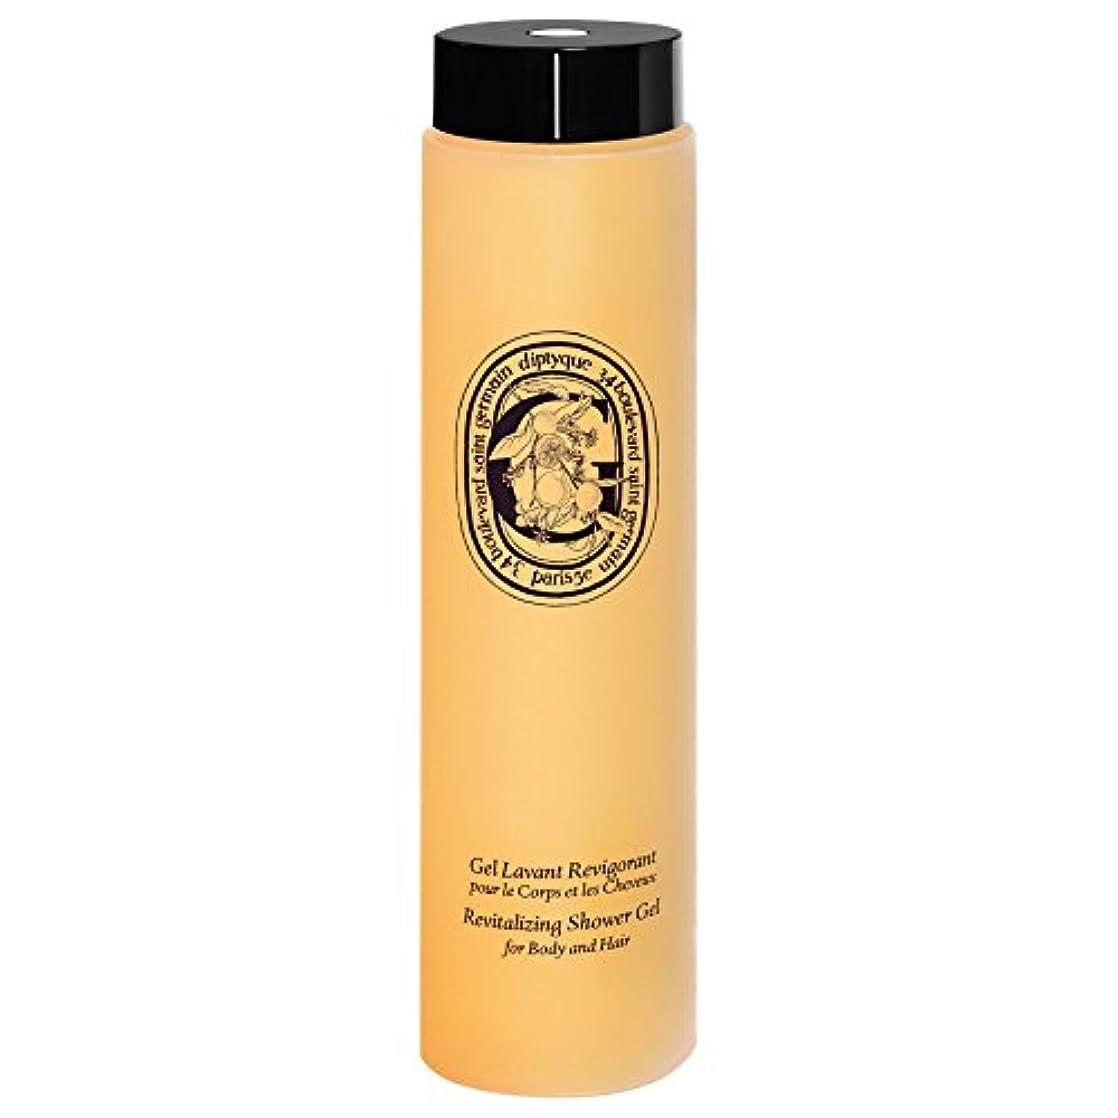 圧倒的同行する観察する[Diptyque] ボディ、ヘア200ミリリットルのためDiptyqueのリバイタライジングシャワージェル - Diptyque Revitalising Shower Gel For Body And Hair 200ml...